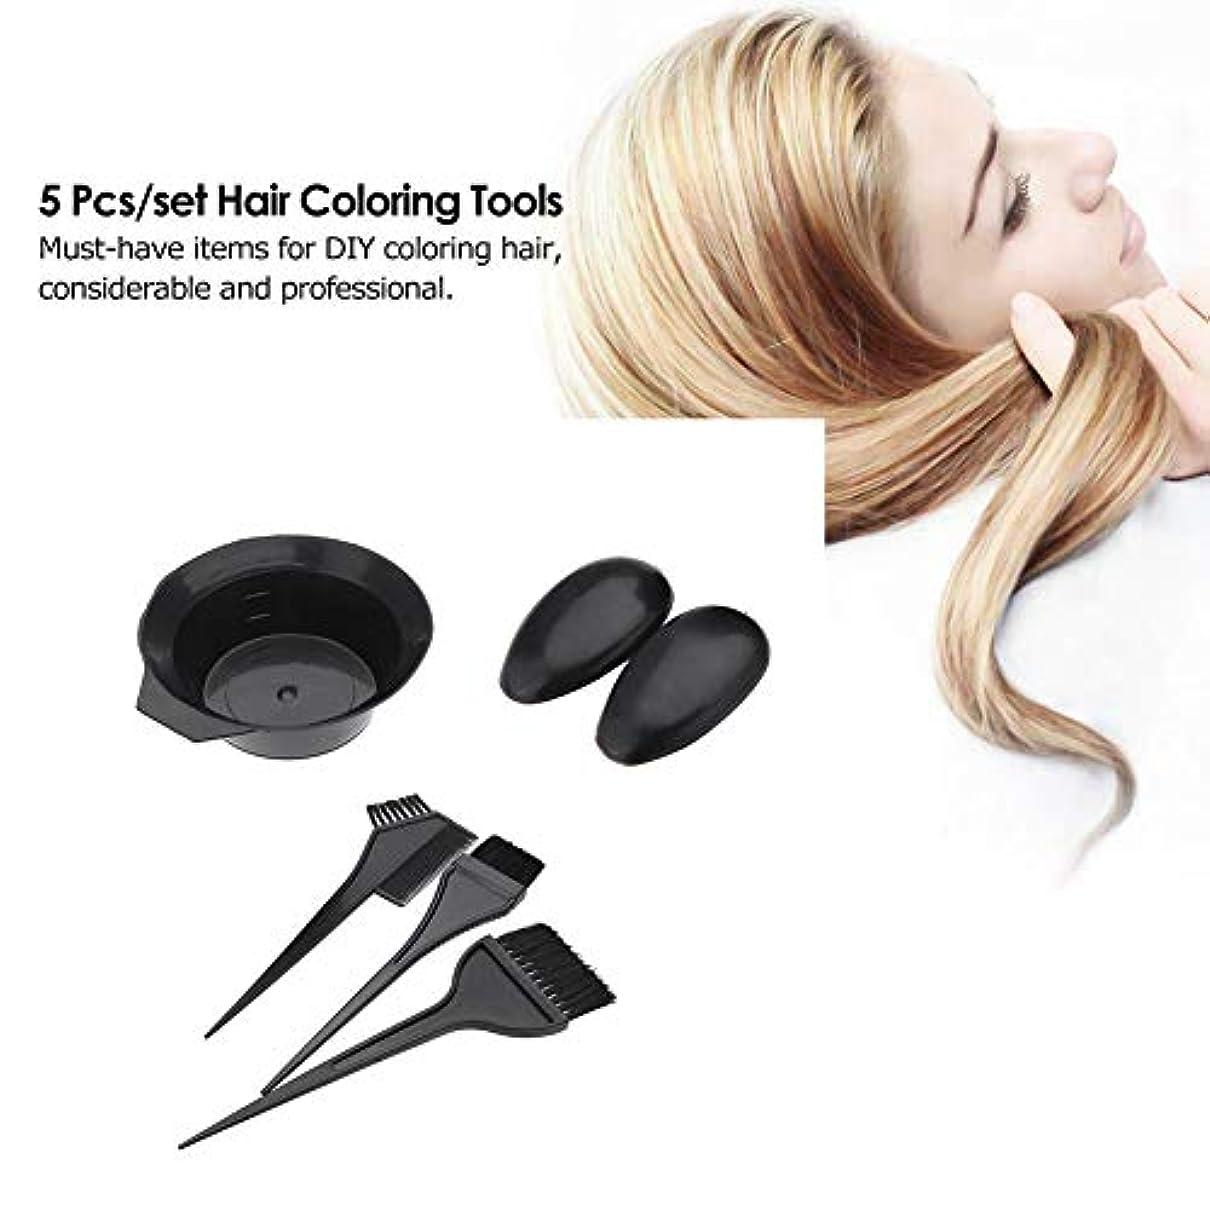 文害虫定数ヘア染色セットキット5ピース - diyプロフェッショナルヘアダイカラーミキシングボウルブラシ&くし - 黒理髪美容ツールアプリケーター色合い